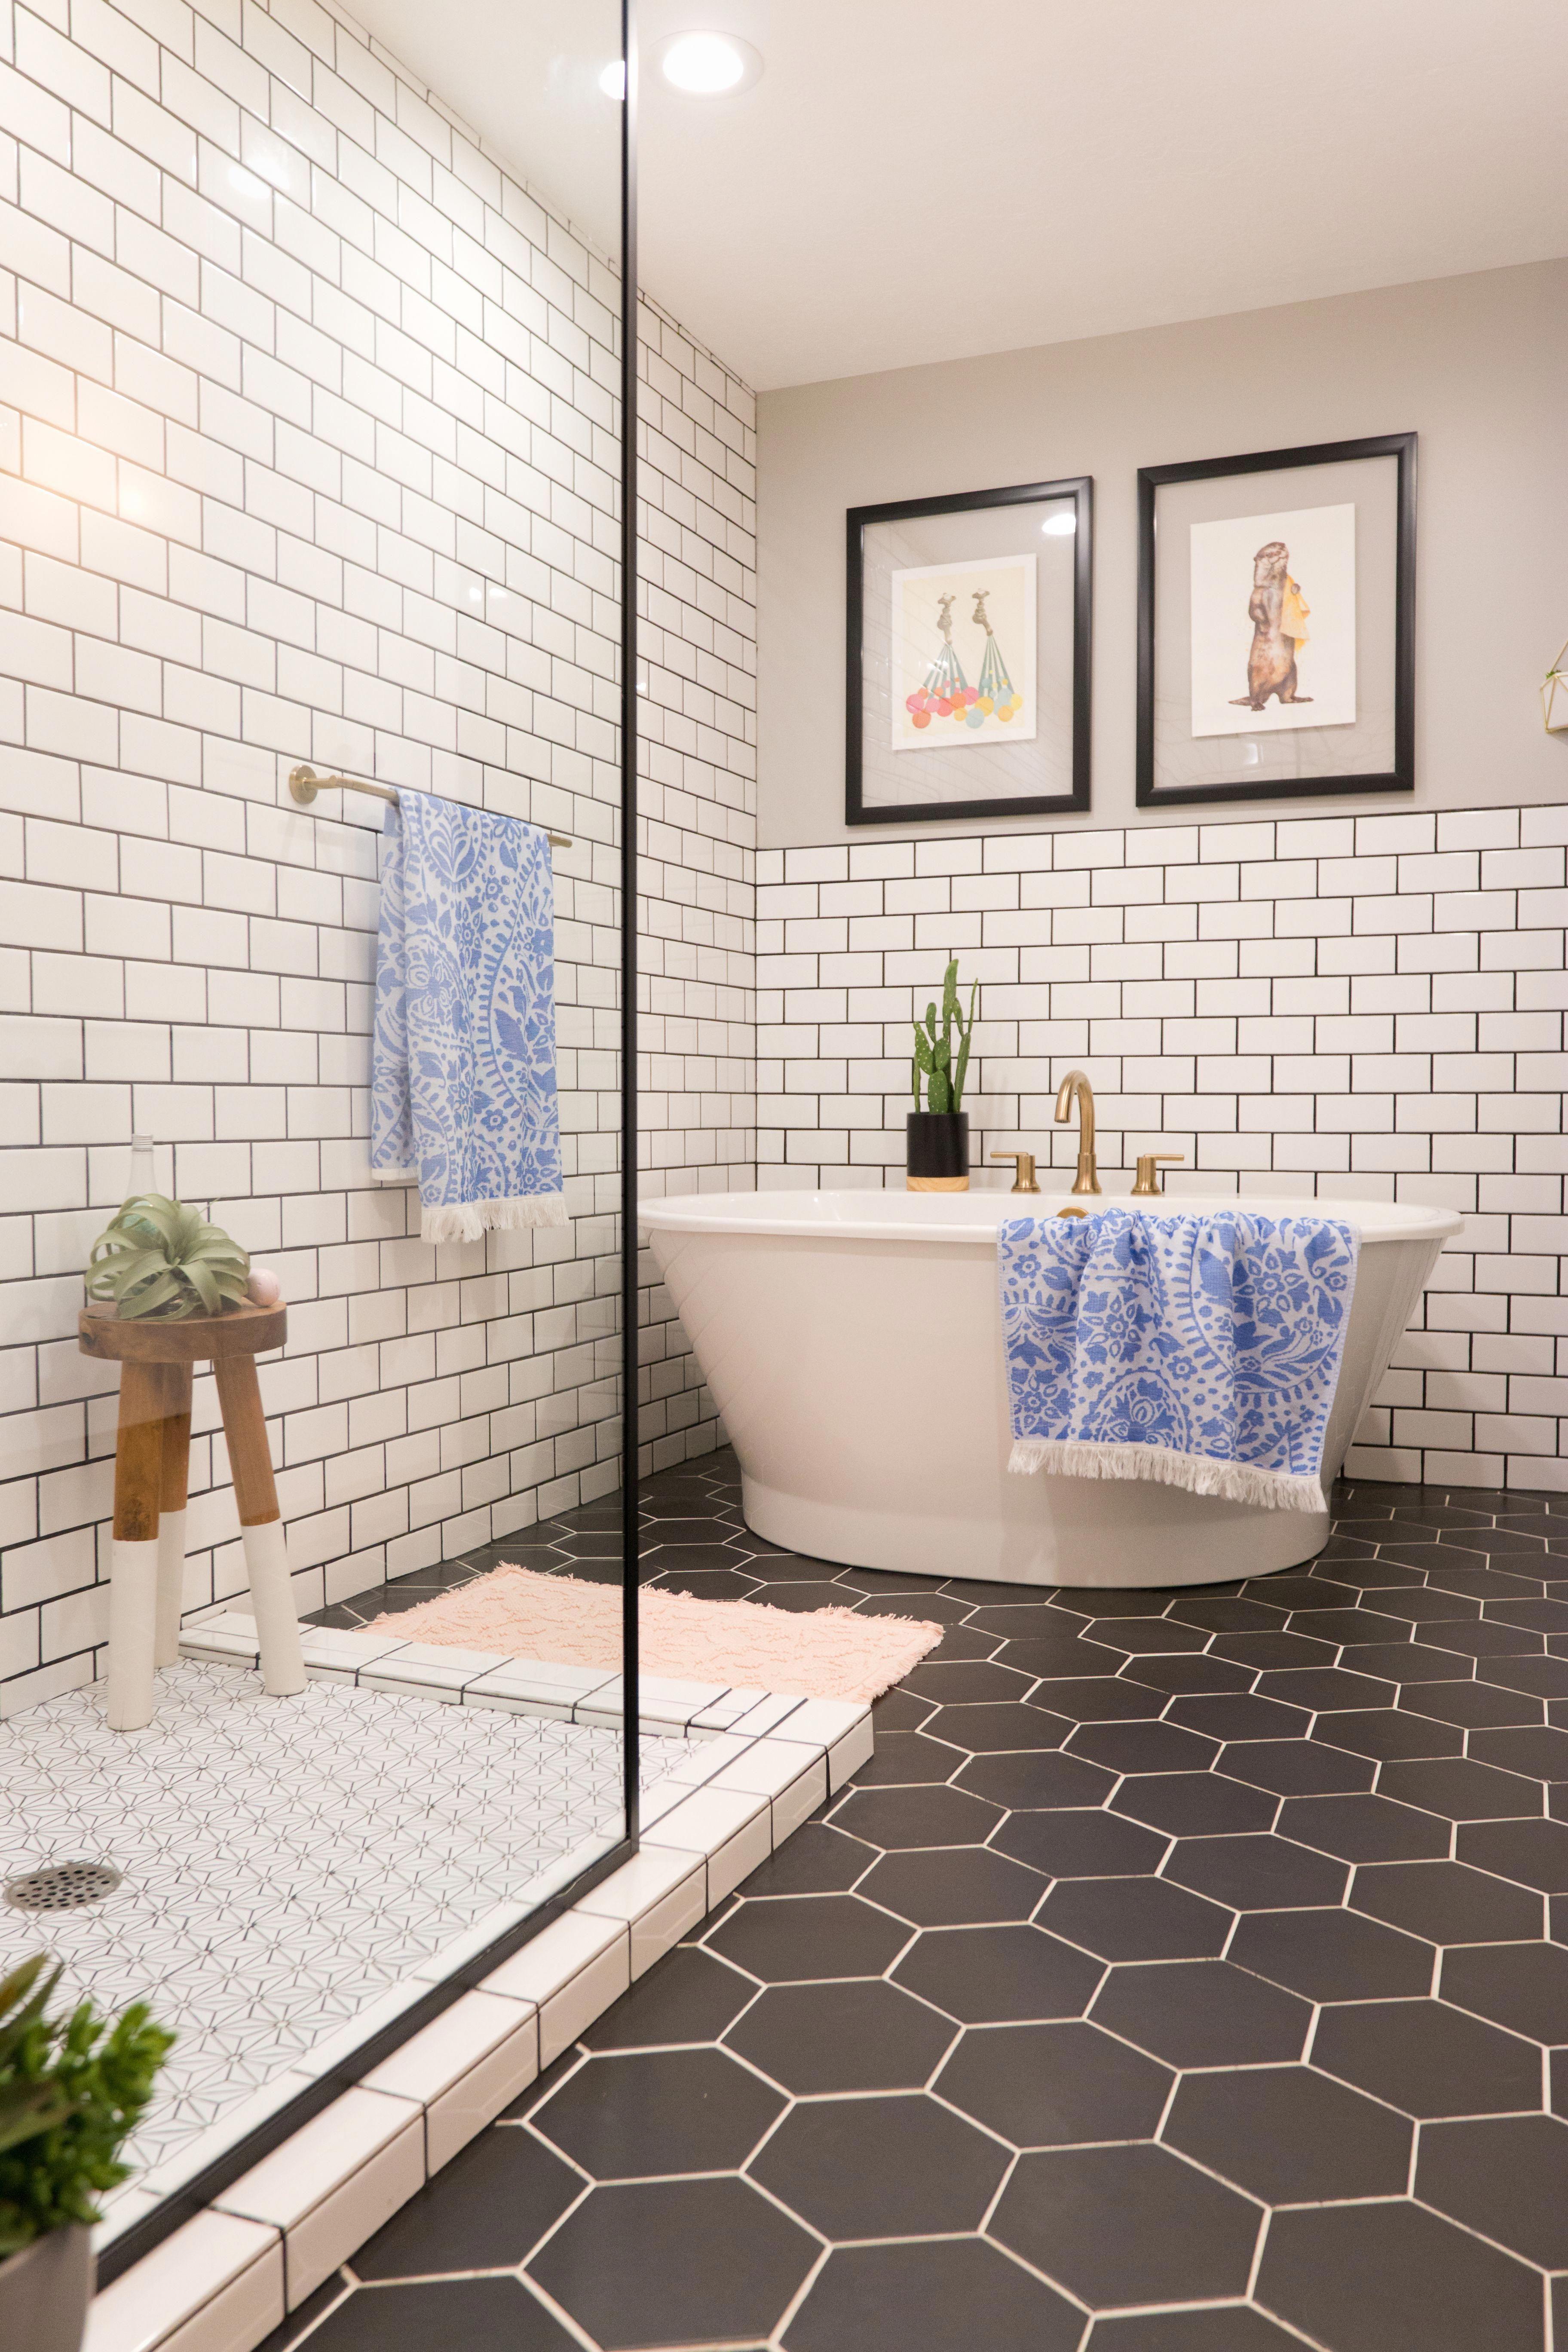 Midcentury Bathroom Black Hexagon Tile Subway Tile Bath Bathroomshowermarble In 2020 White Bathroom Tiles Bathroom Tile Renovation Hexagon Tile Bathroom